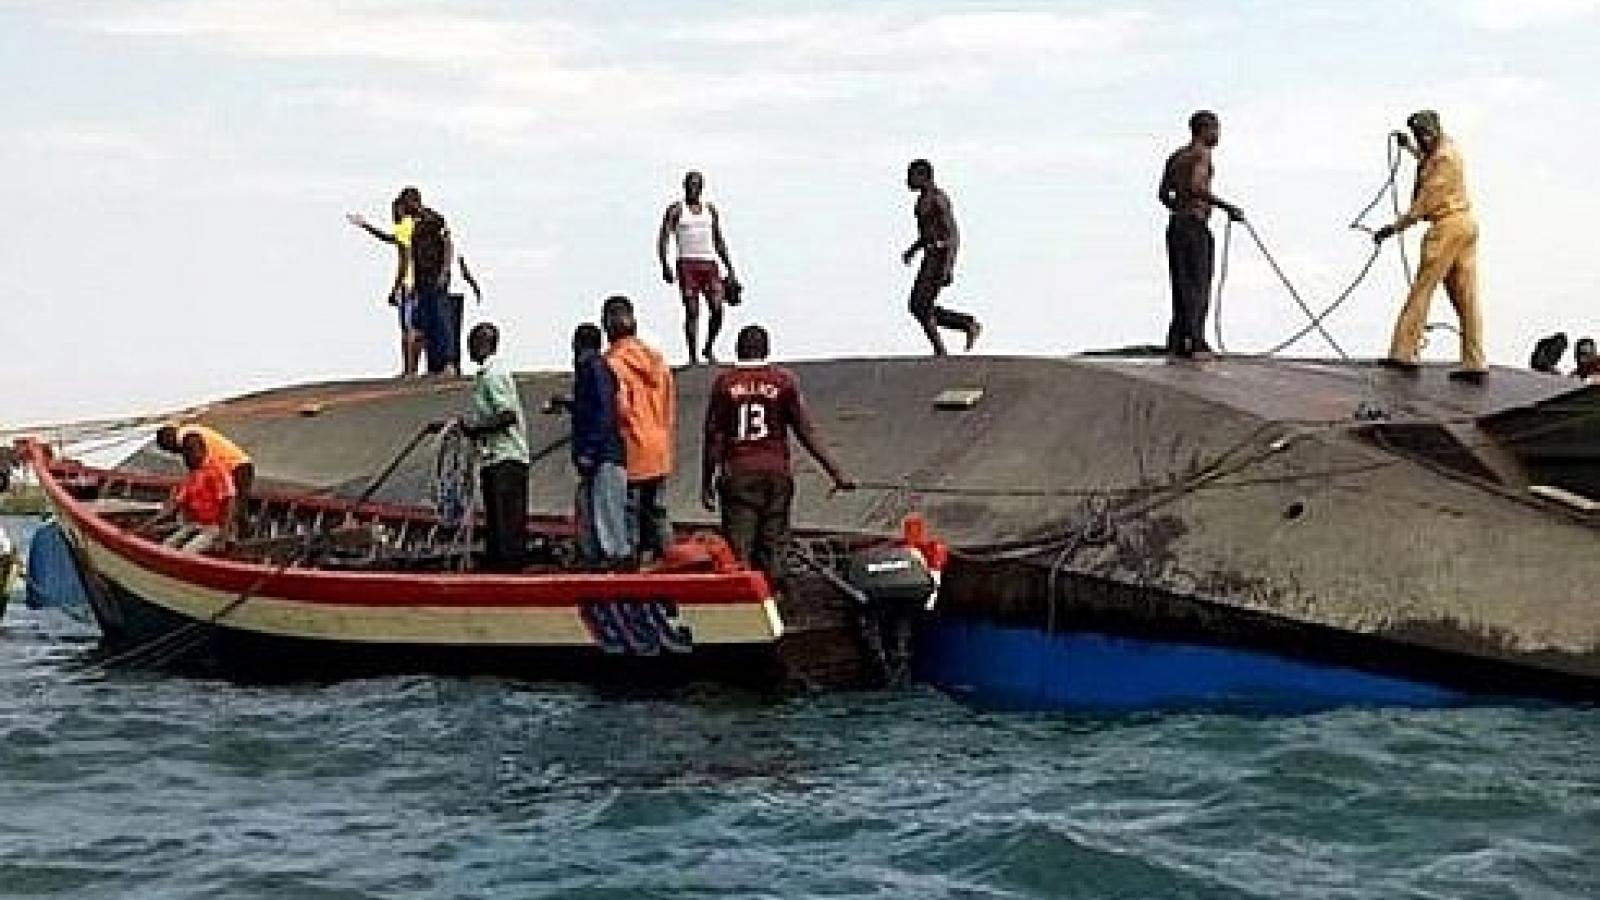 Lật tàu thủy ở Nigeria làm ít nhất 14 người thiệt mạng và mất tích